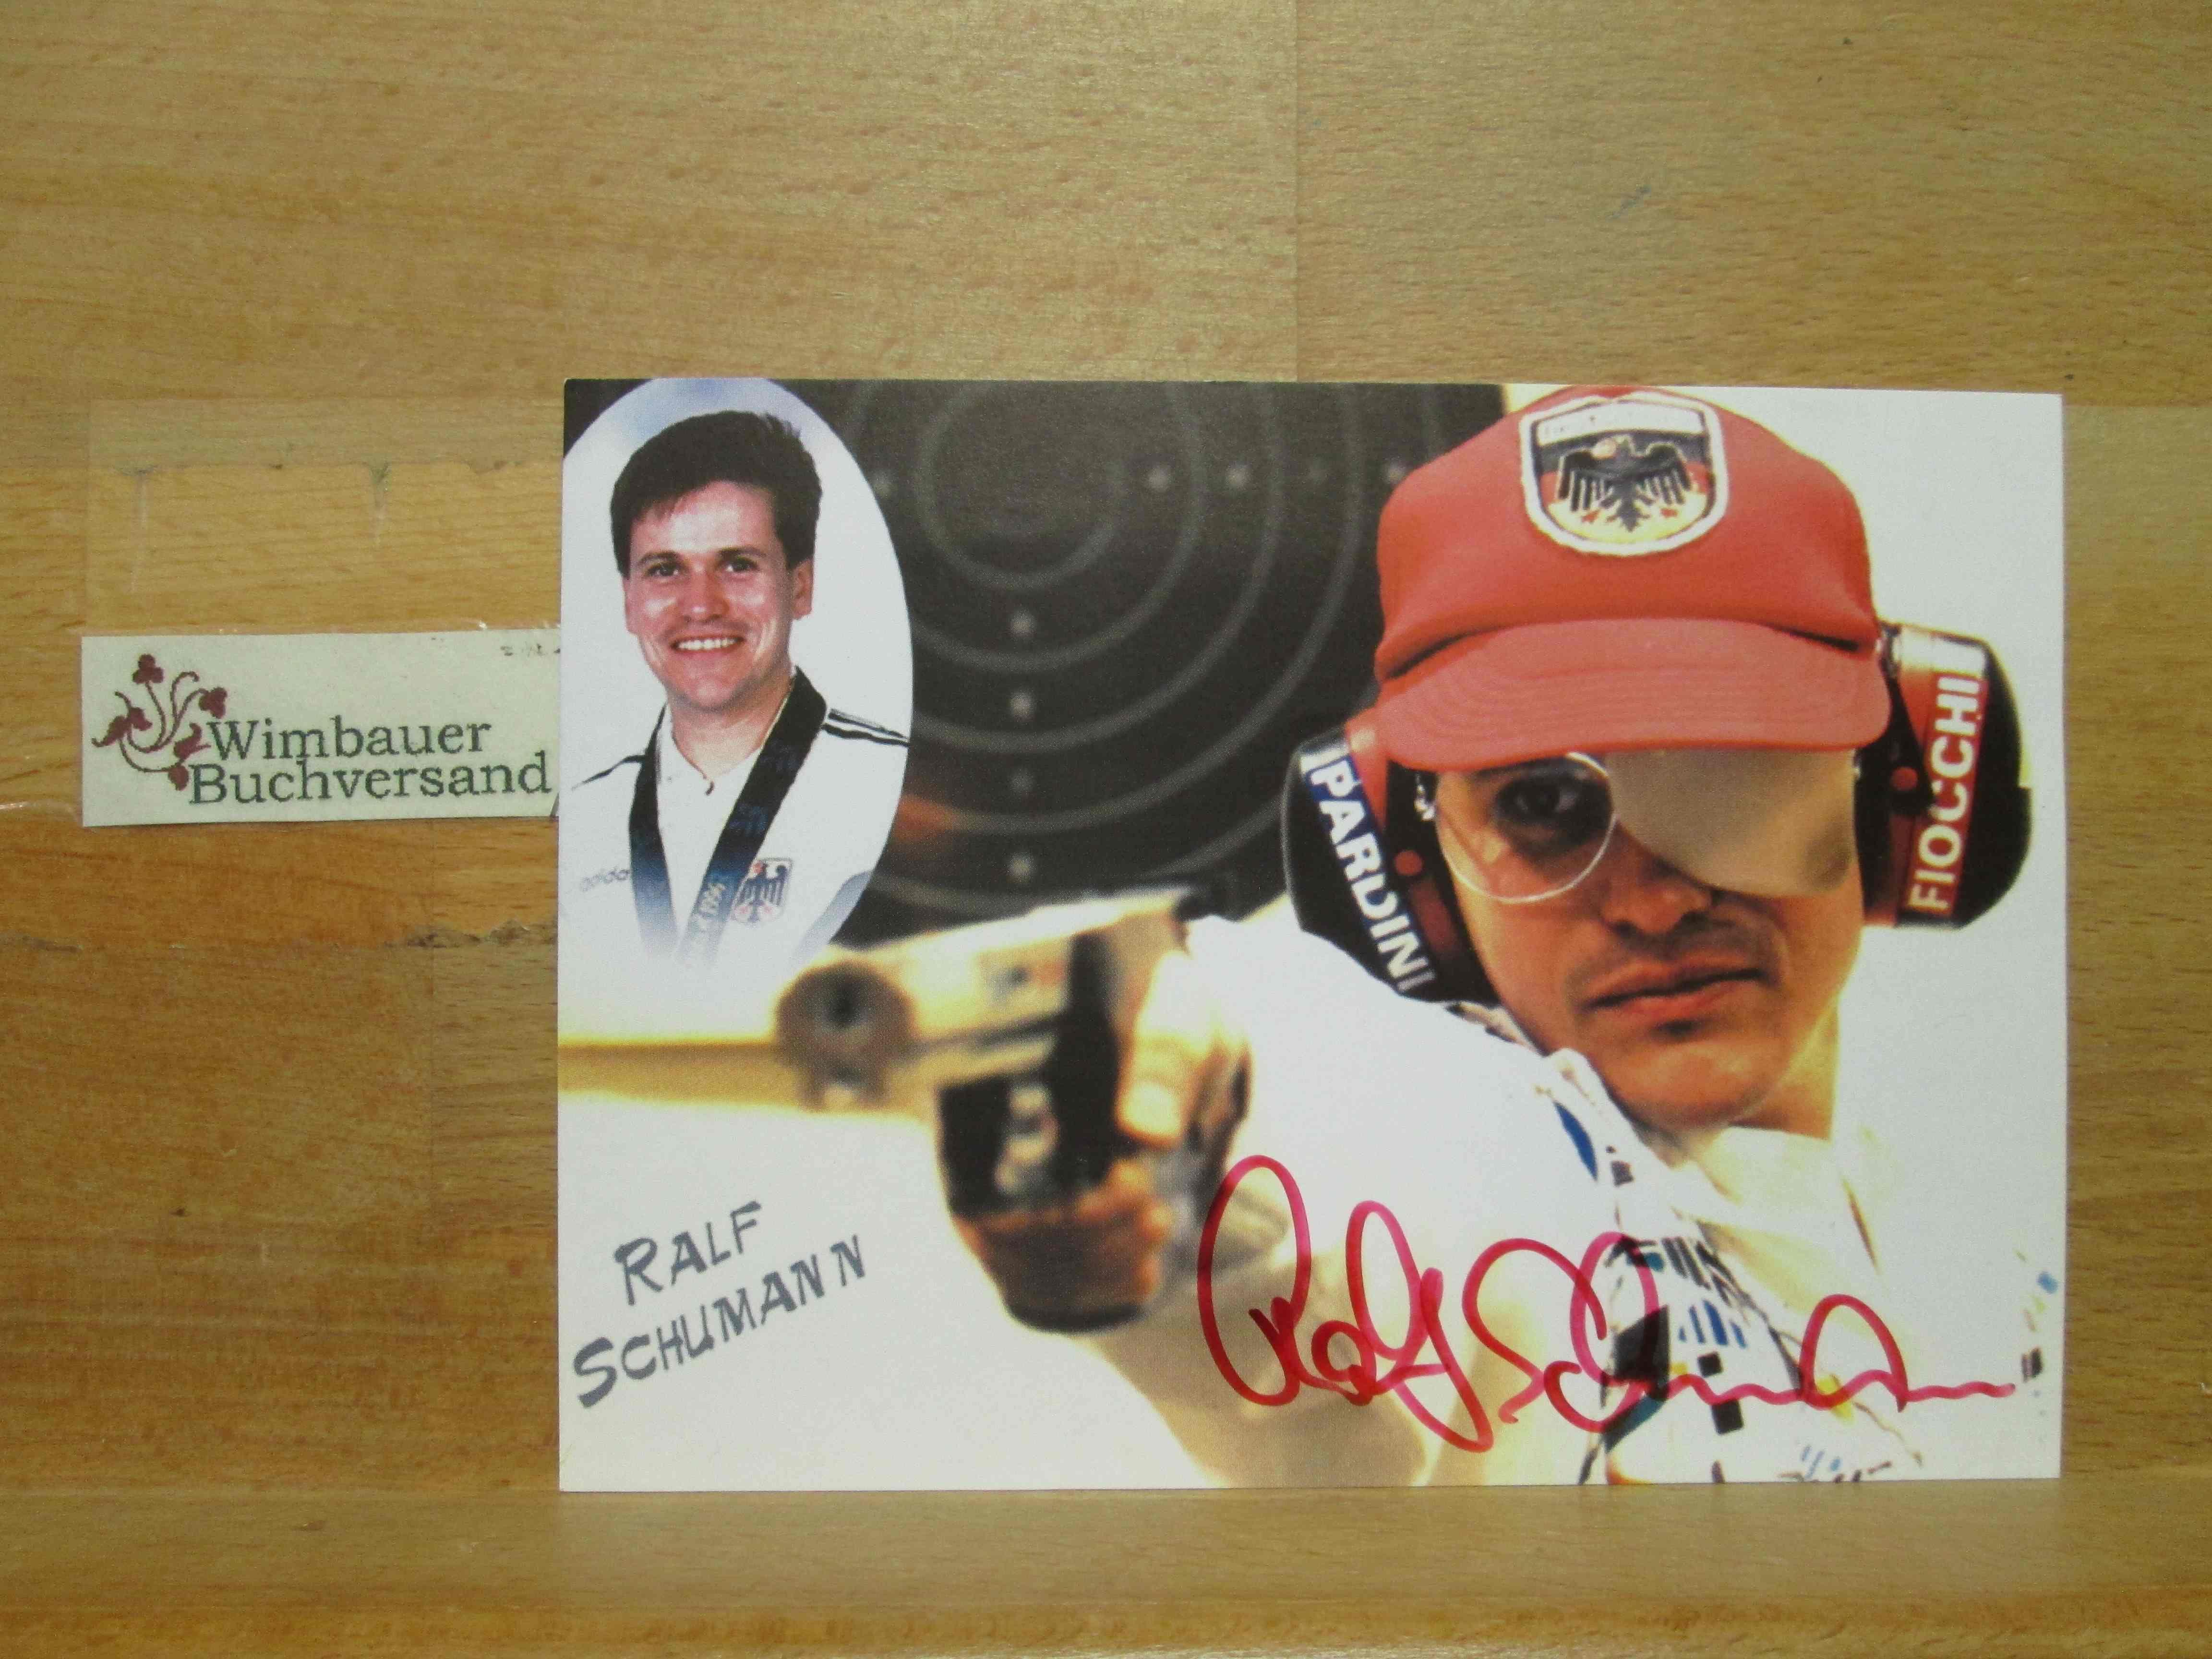 Schumann, Ralf : Original Autogramm Ralf Schumann Sportschiessen Olympia /// Autogramm Autograph signiert signed signee